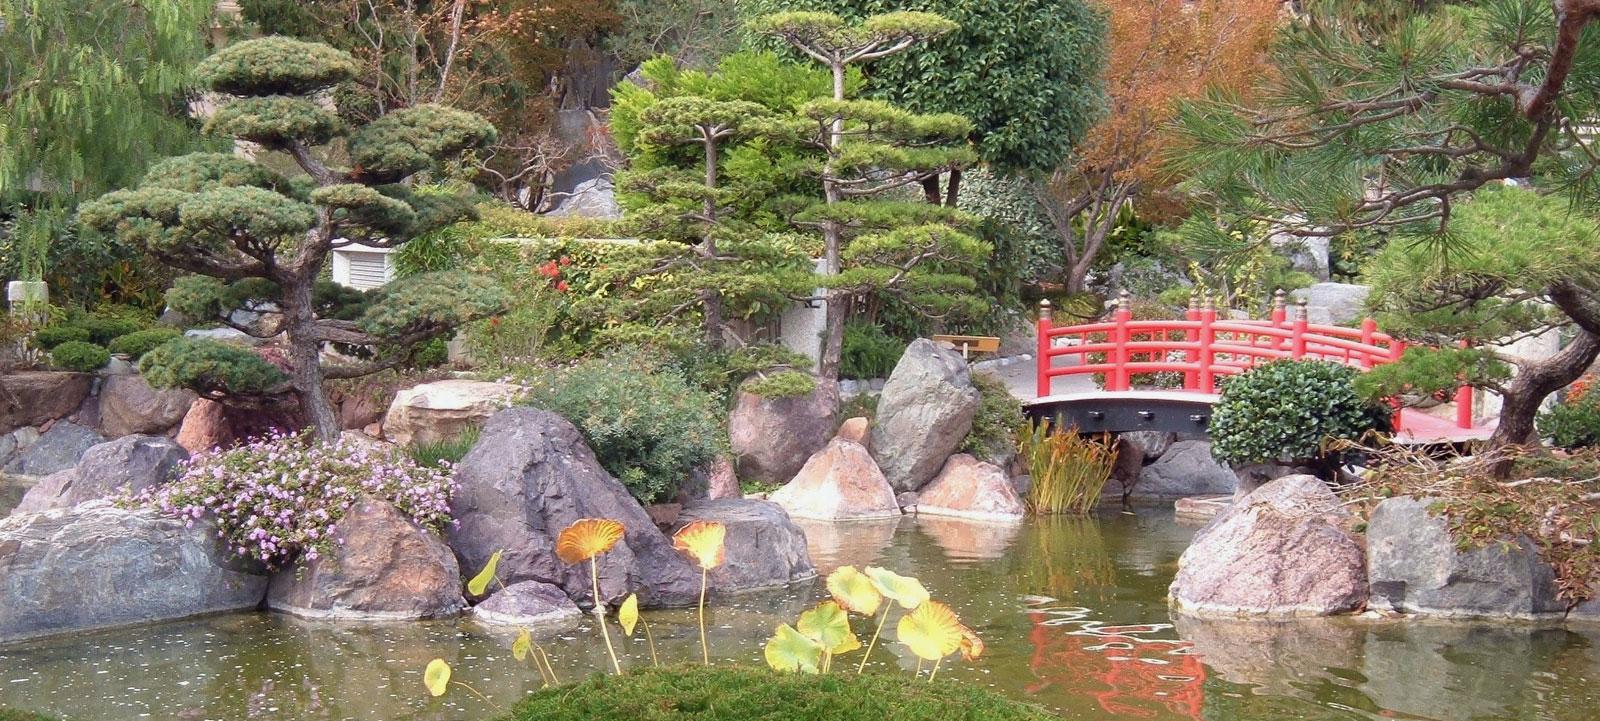 Trois formes de jardin-paysage japonais » Jardins aquatiques